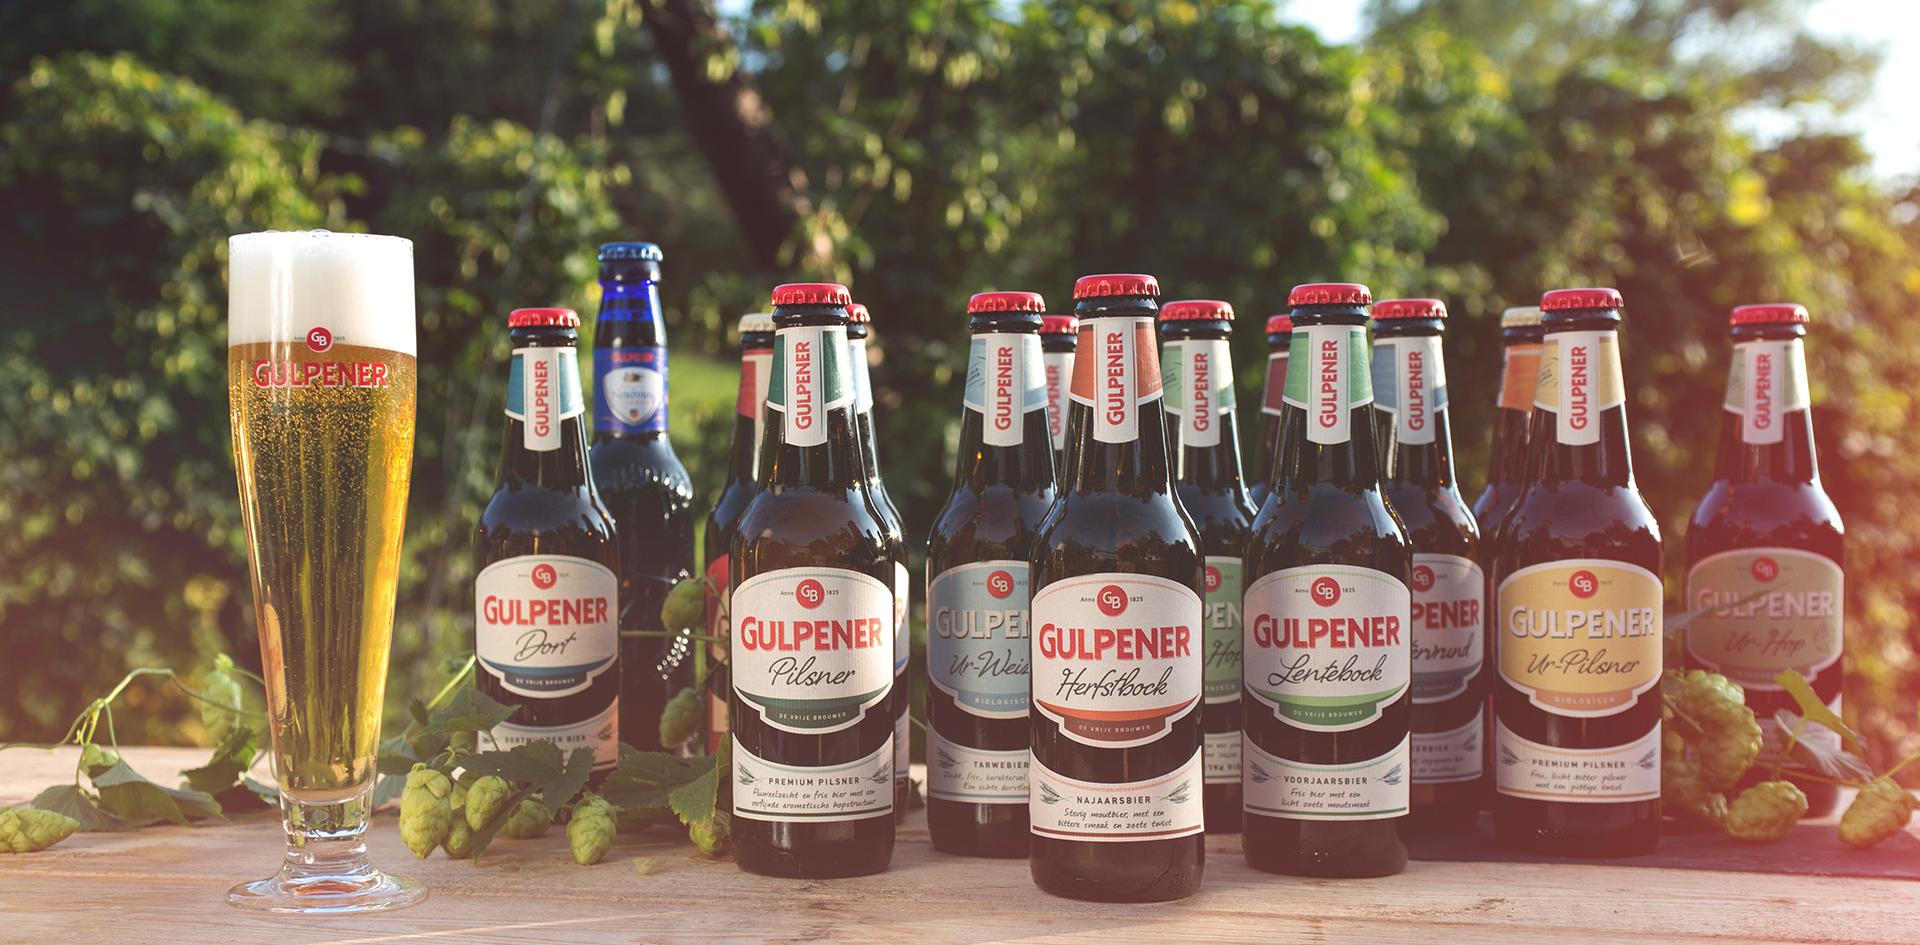 nectar-utrecht-pils-bier-brouwerij-nederland-gulpen-gulpener-biologisch-foto01